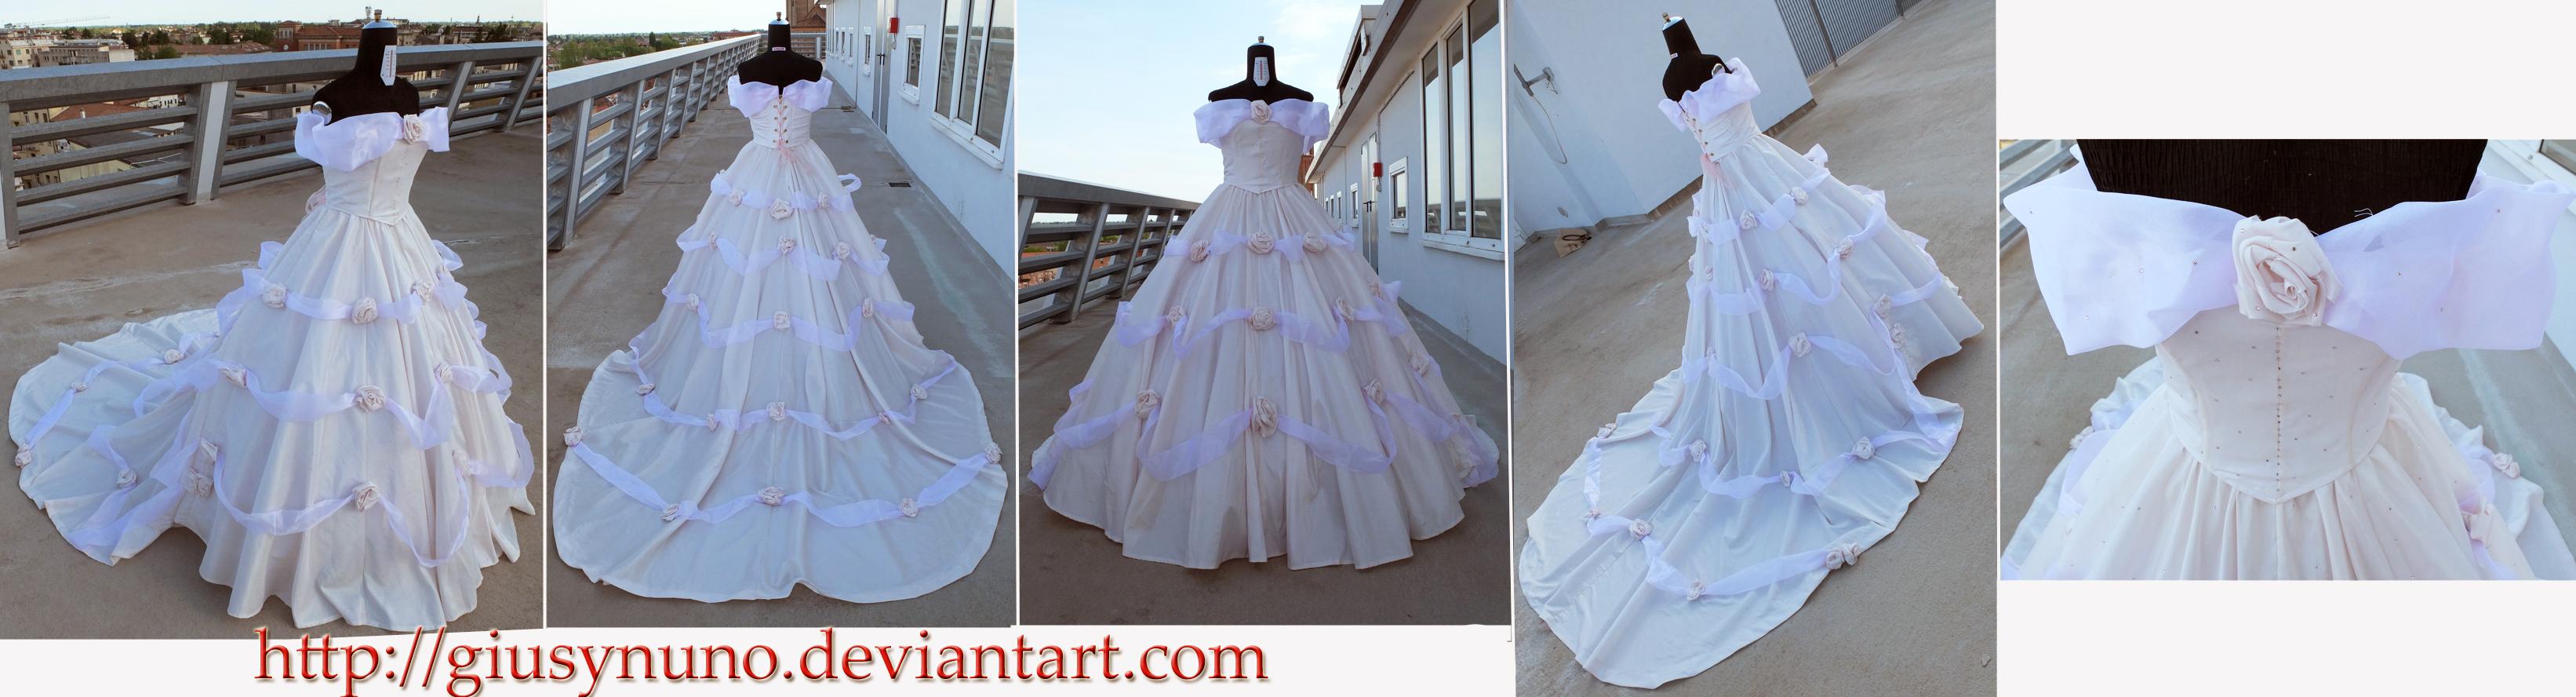 Belles Wedding Dress